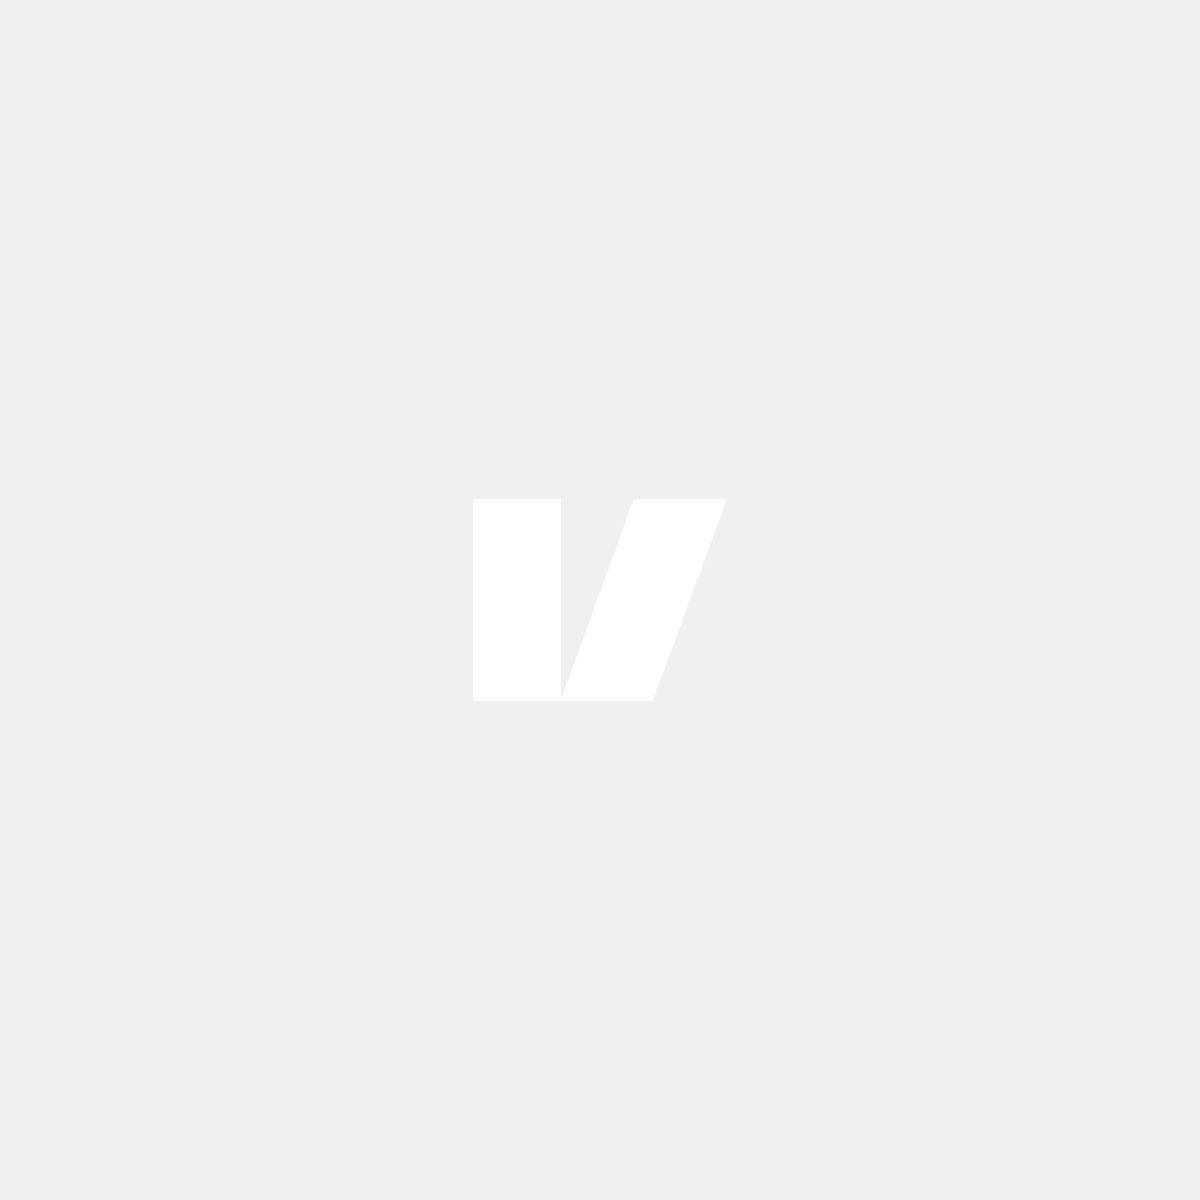 Glidsko fönsterhiss till Volvo 740, 760, 940, 960, S90, V90, S60, S80, V70, XC70, XC90